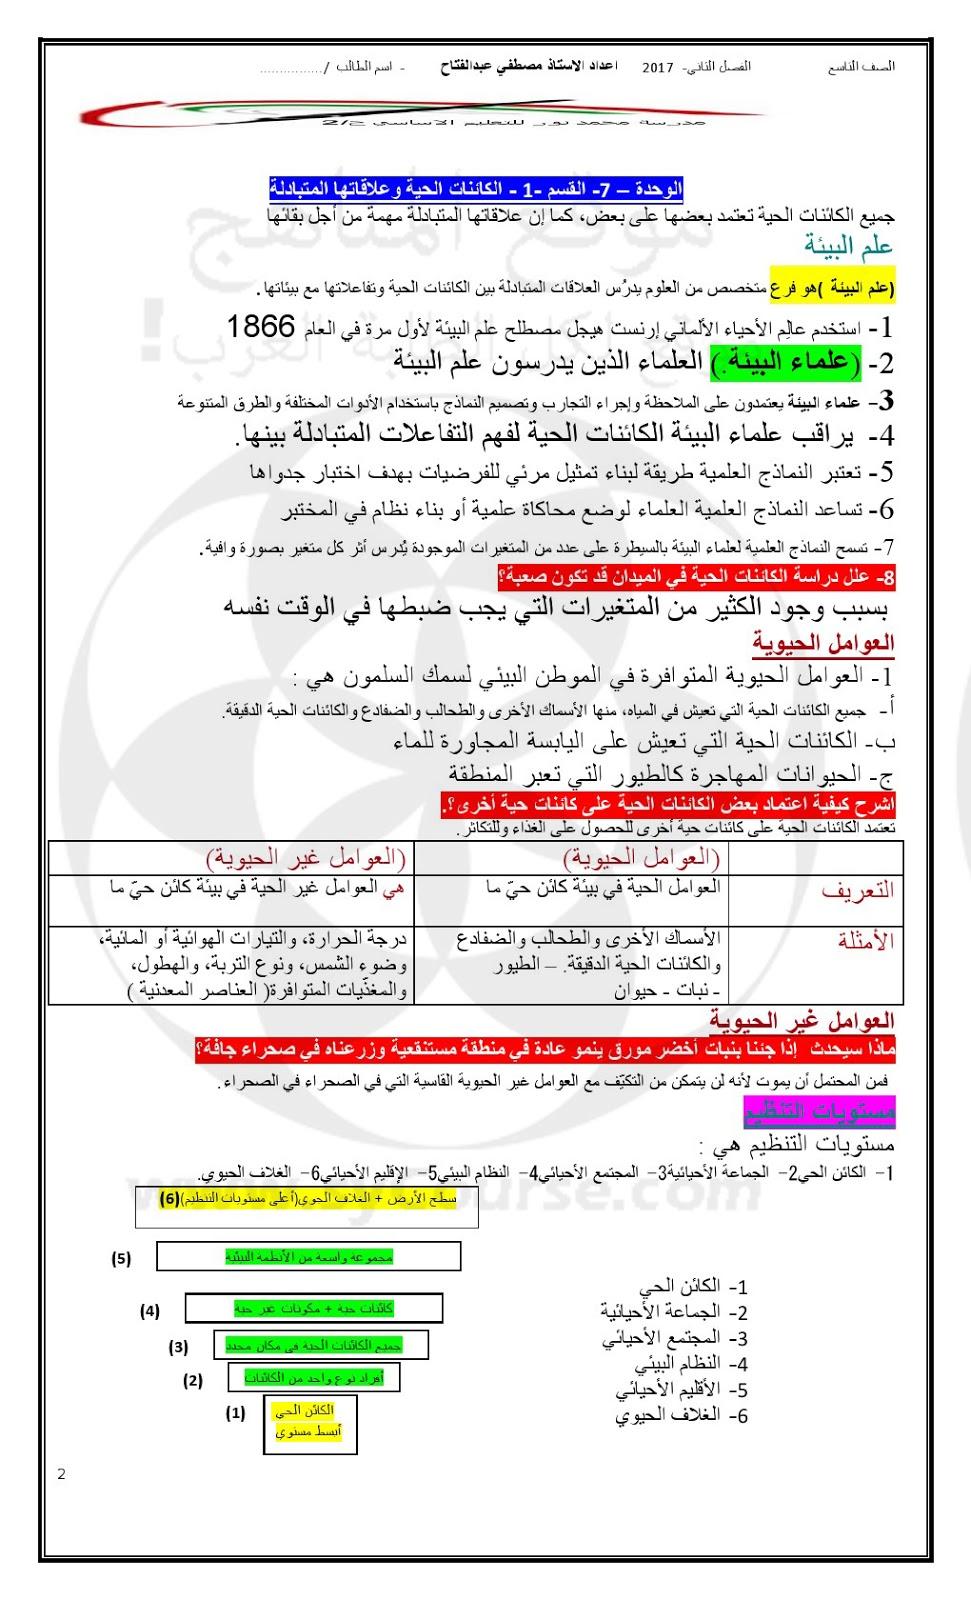 دليل المعلم للصف التاسع علوم ليبيا